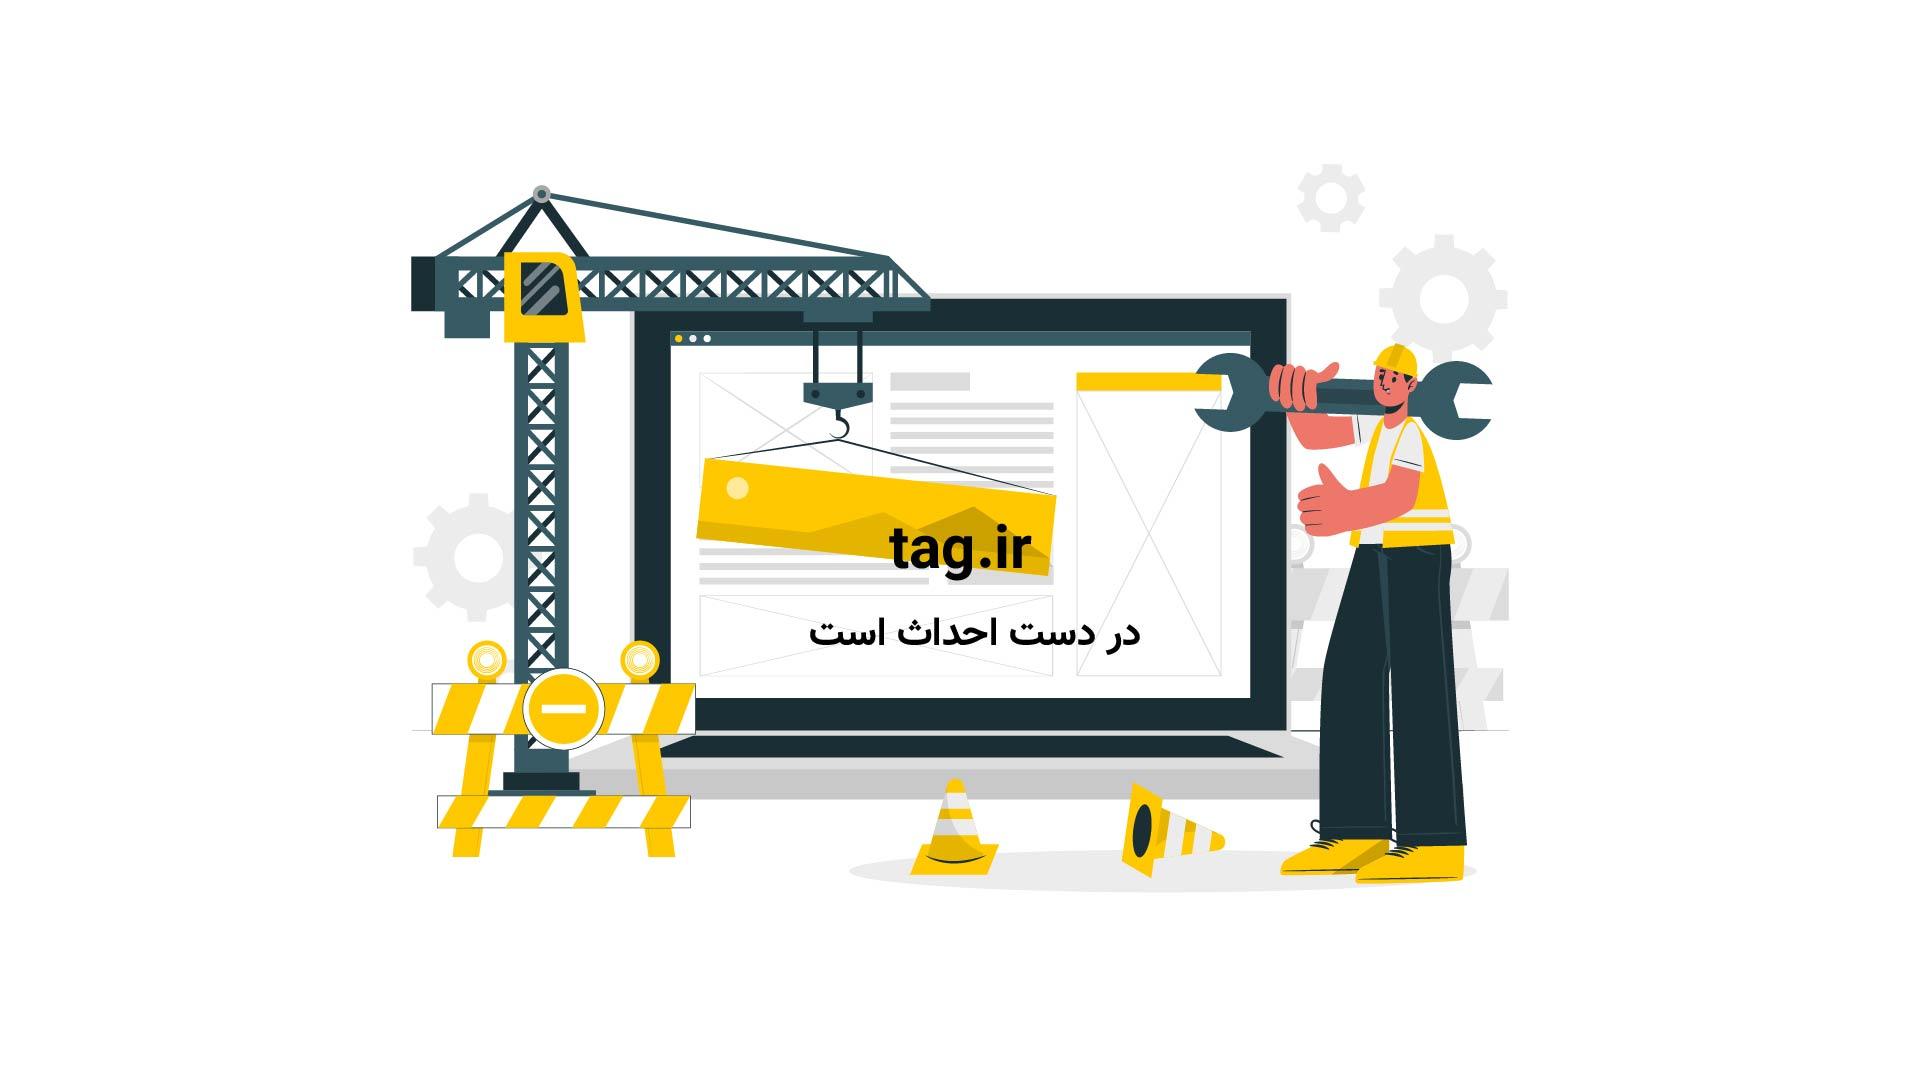 تصاویری جذاب از بازیهای المپیک ریو + فیلم